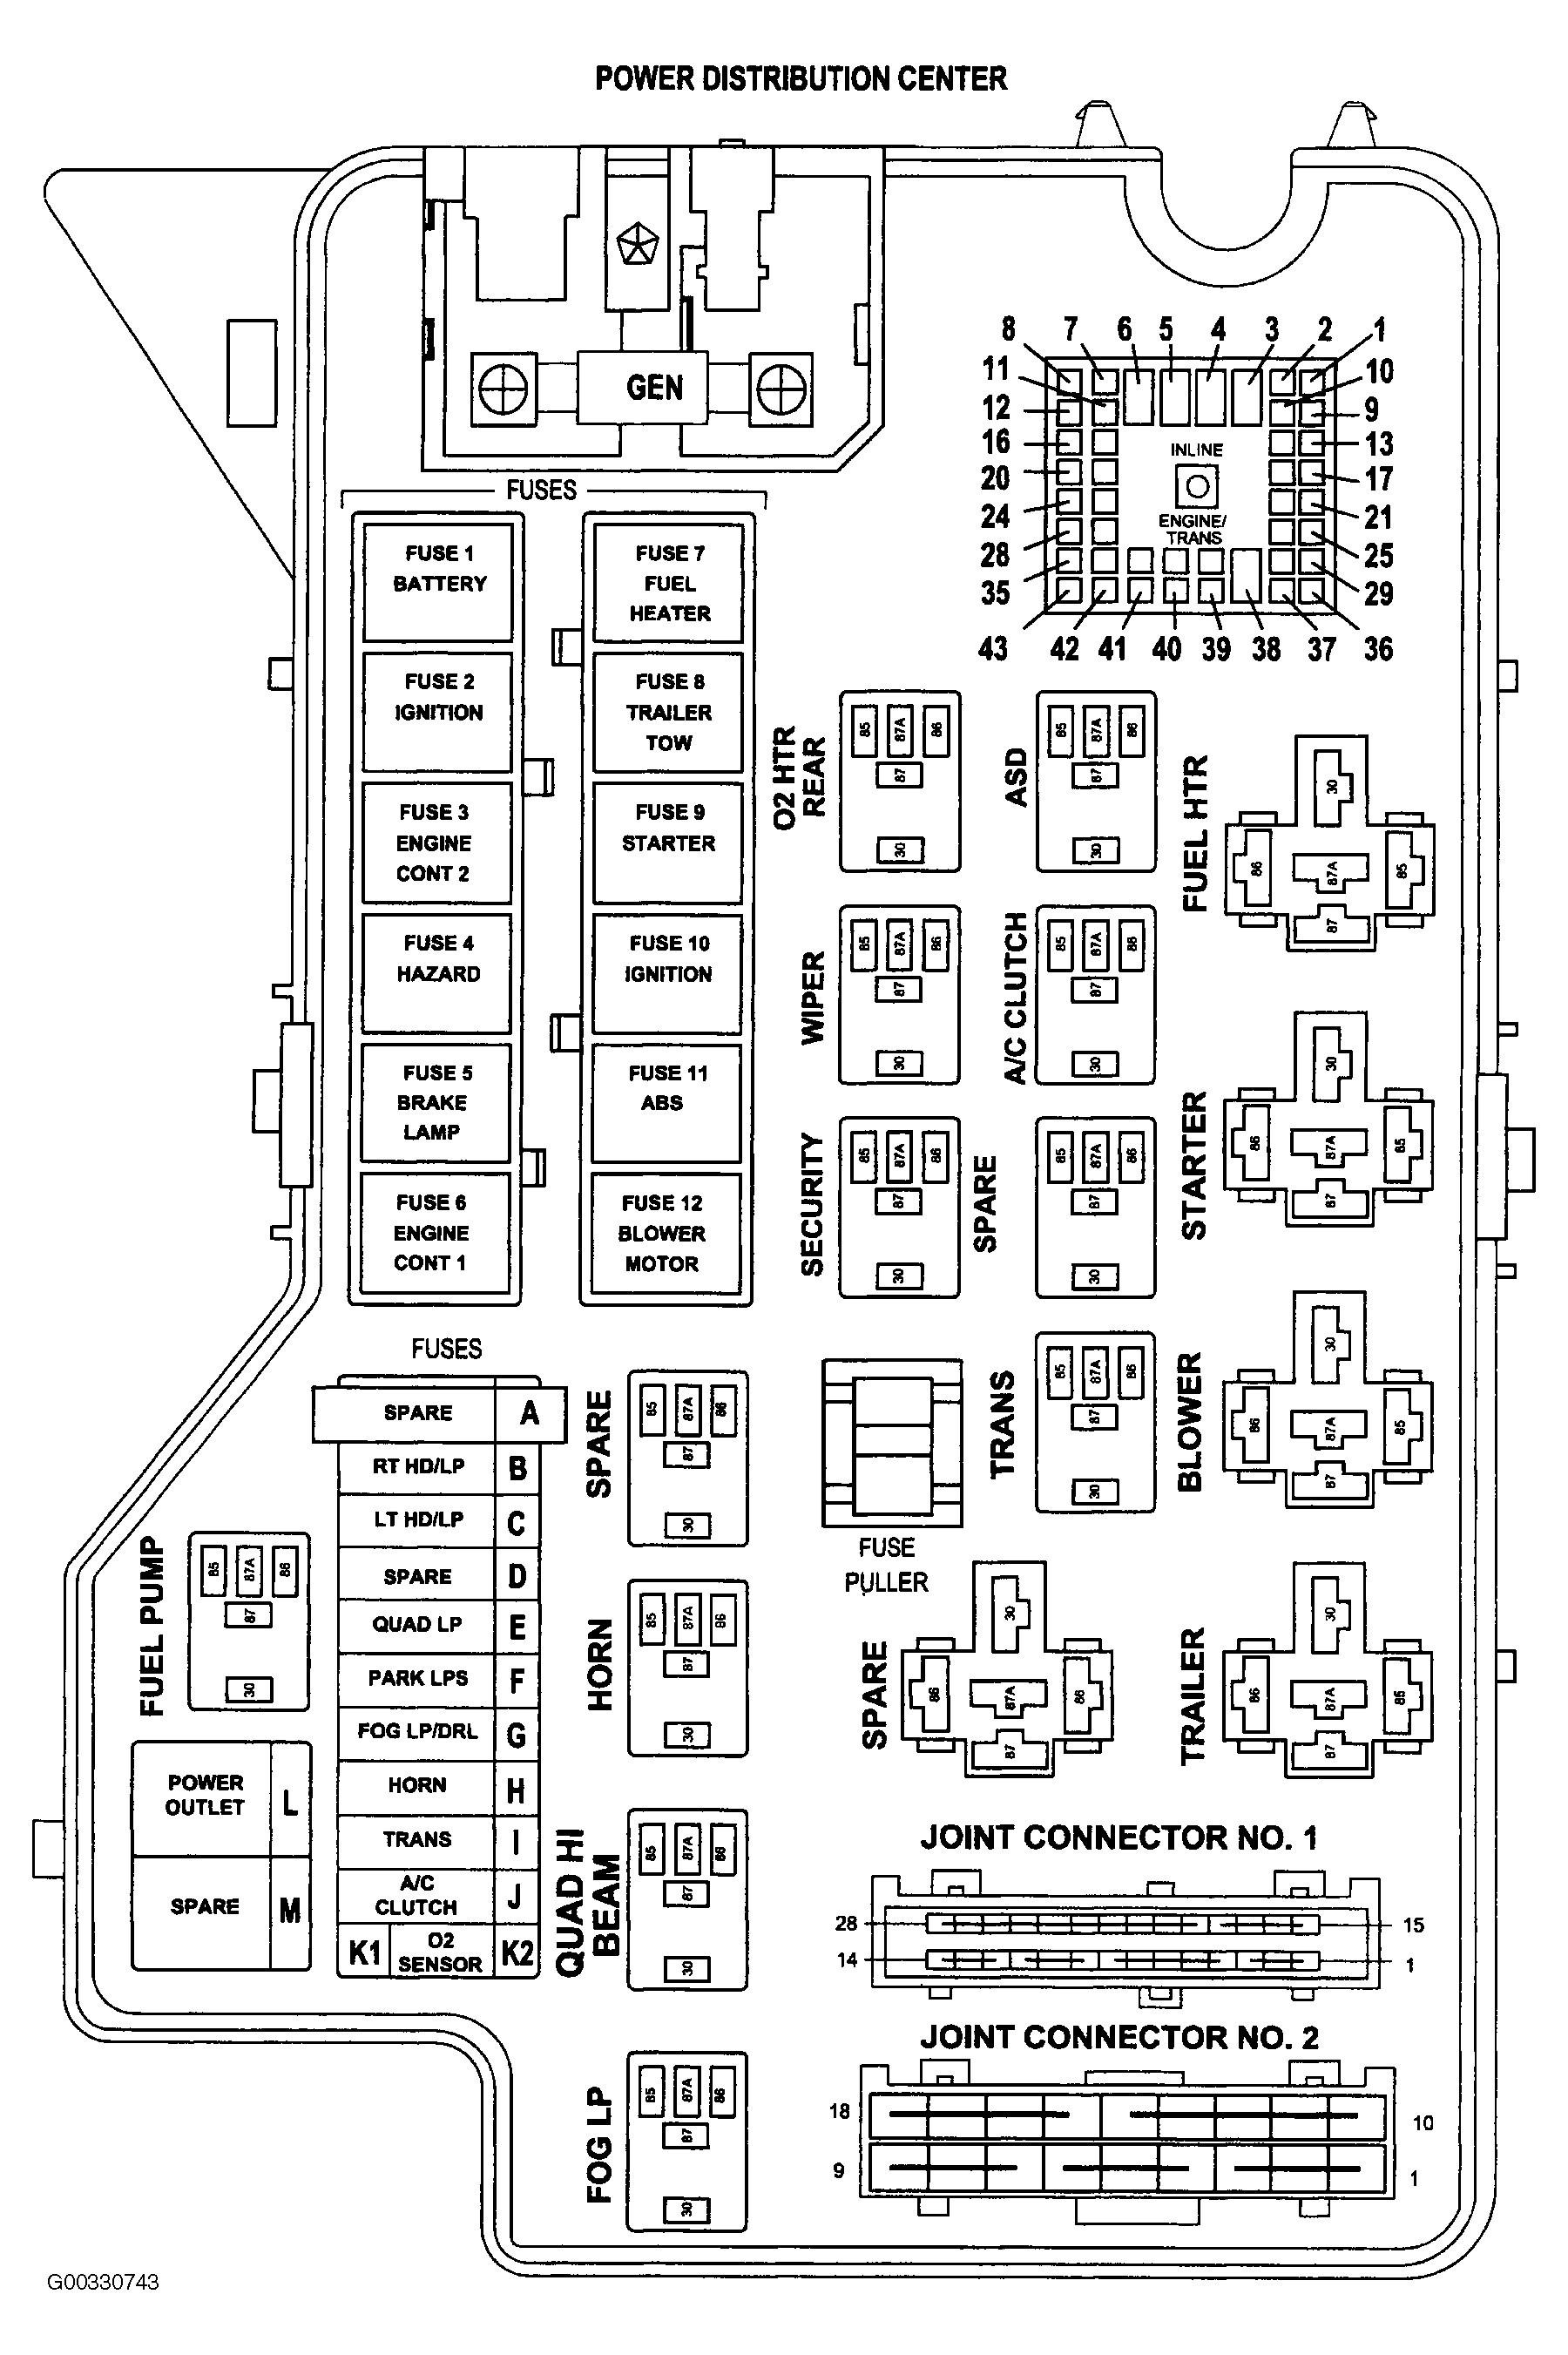 2001 dodge sel wiring diagram learn circuit diagram u2022 rh blackrepublic co